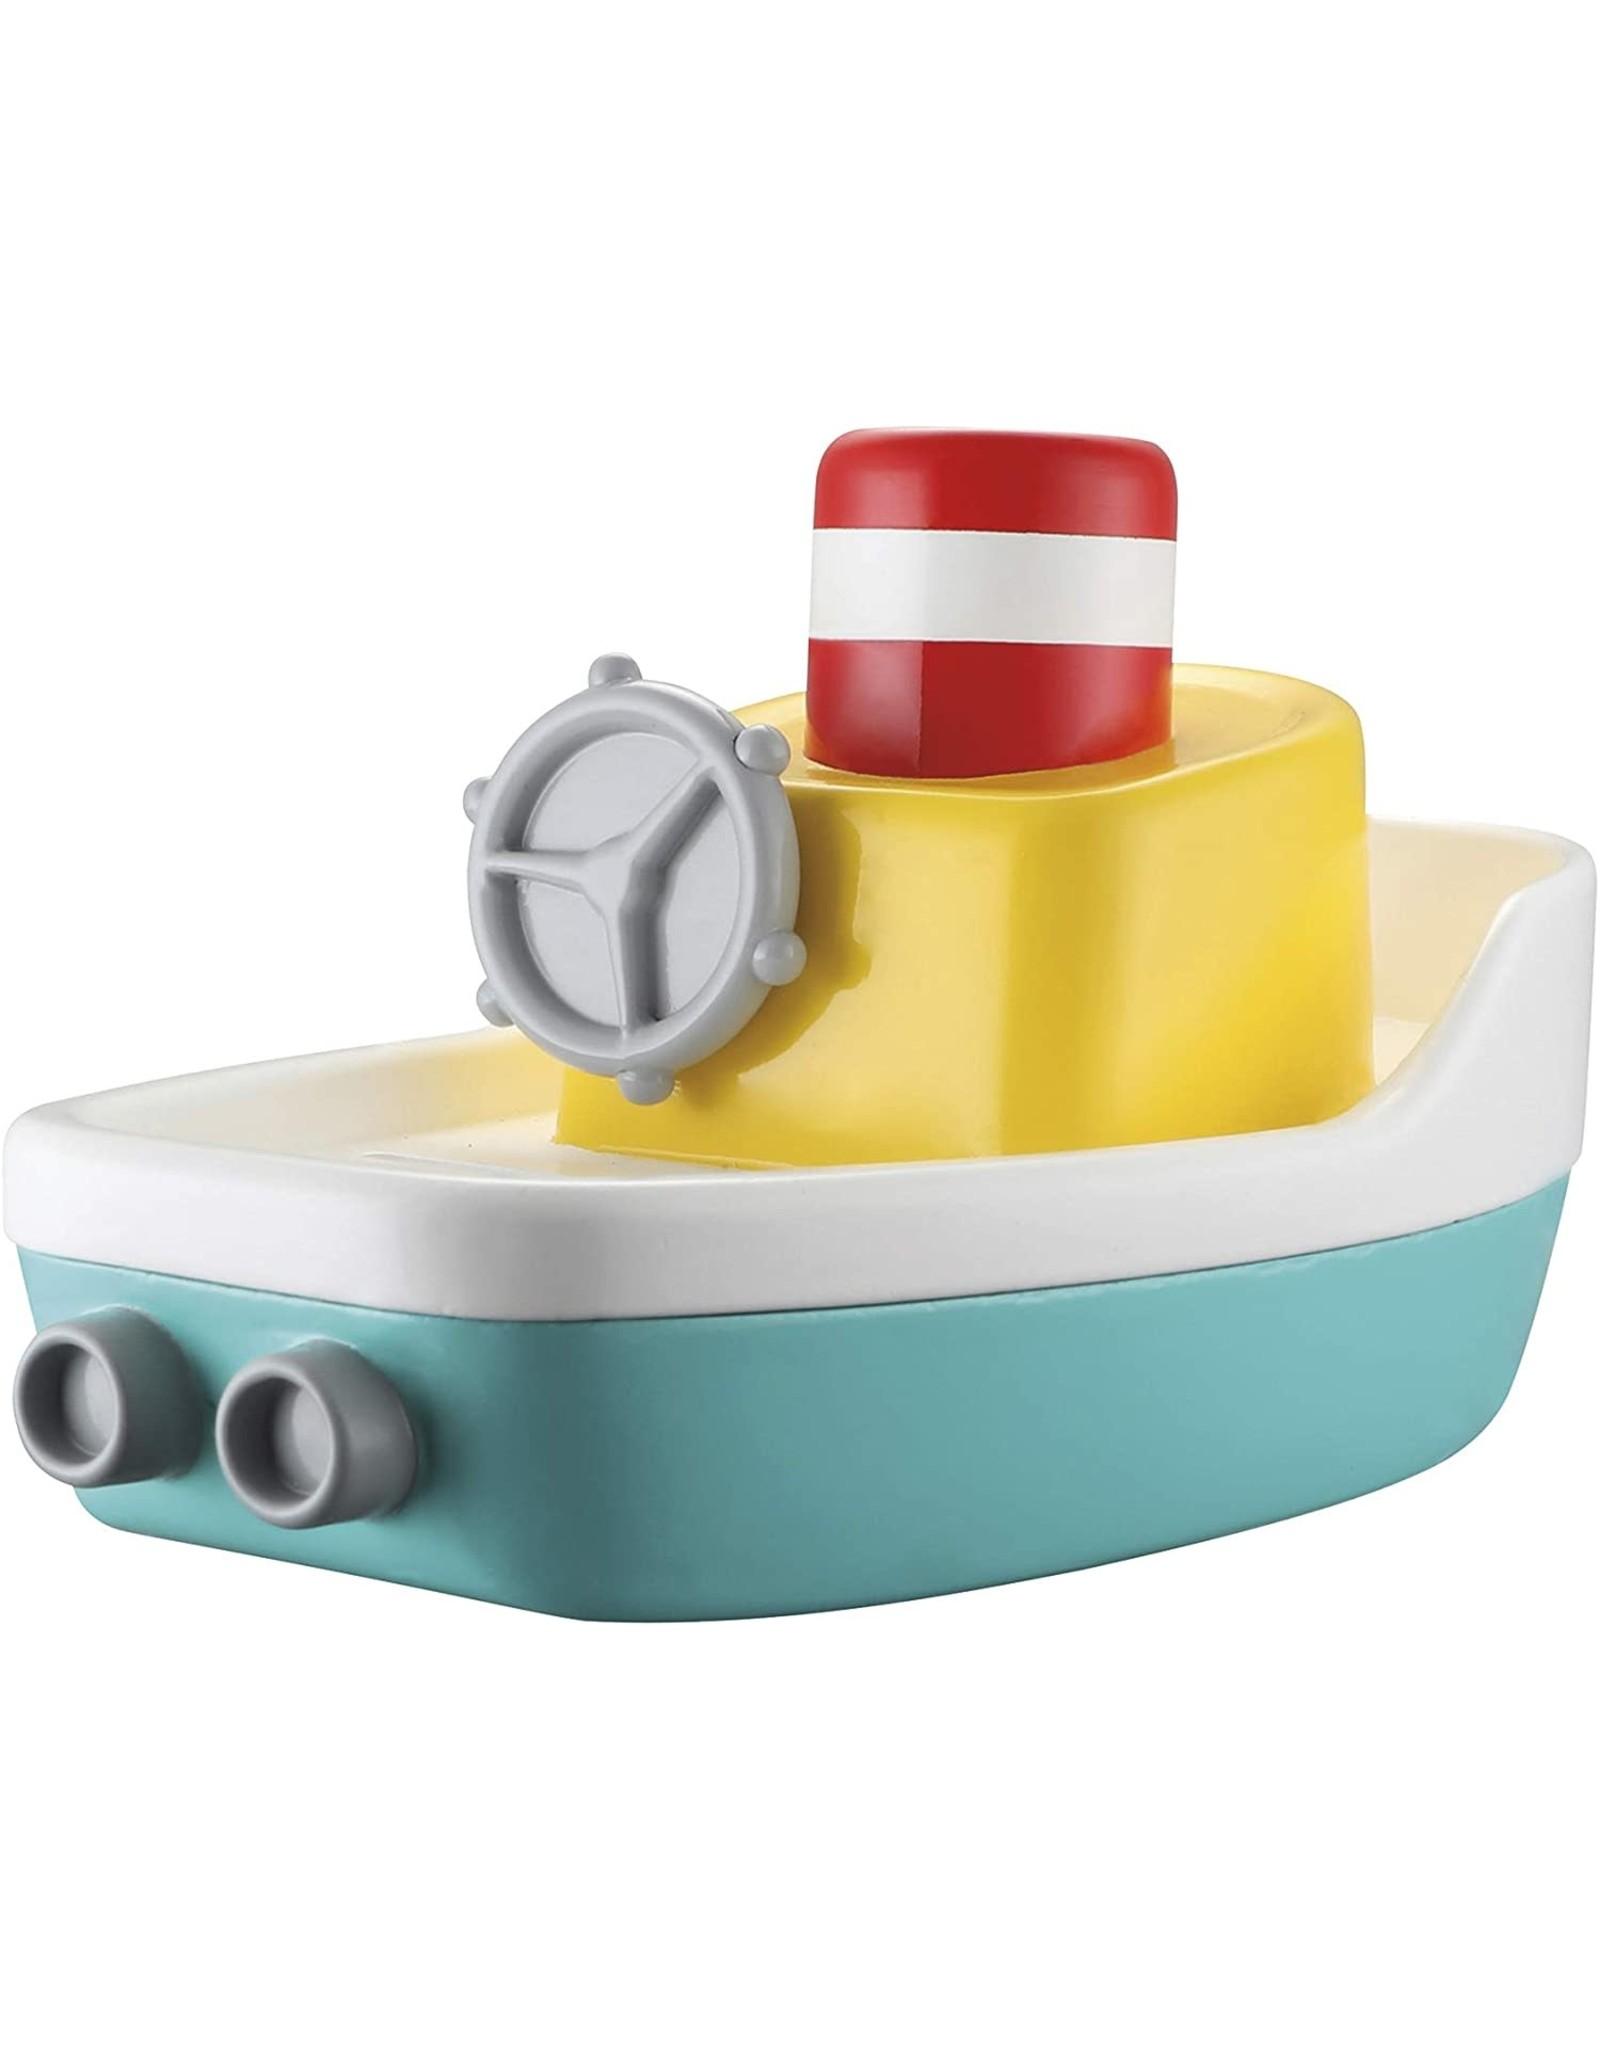 Toysmith Splash N' Play Spraying Tugboat